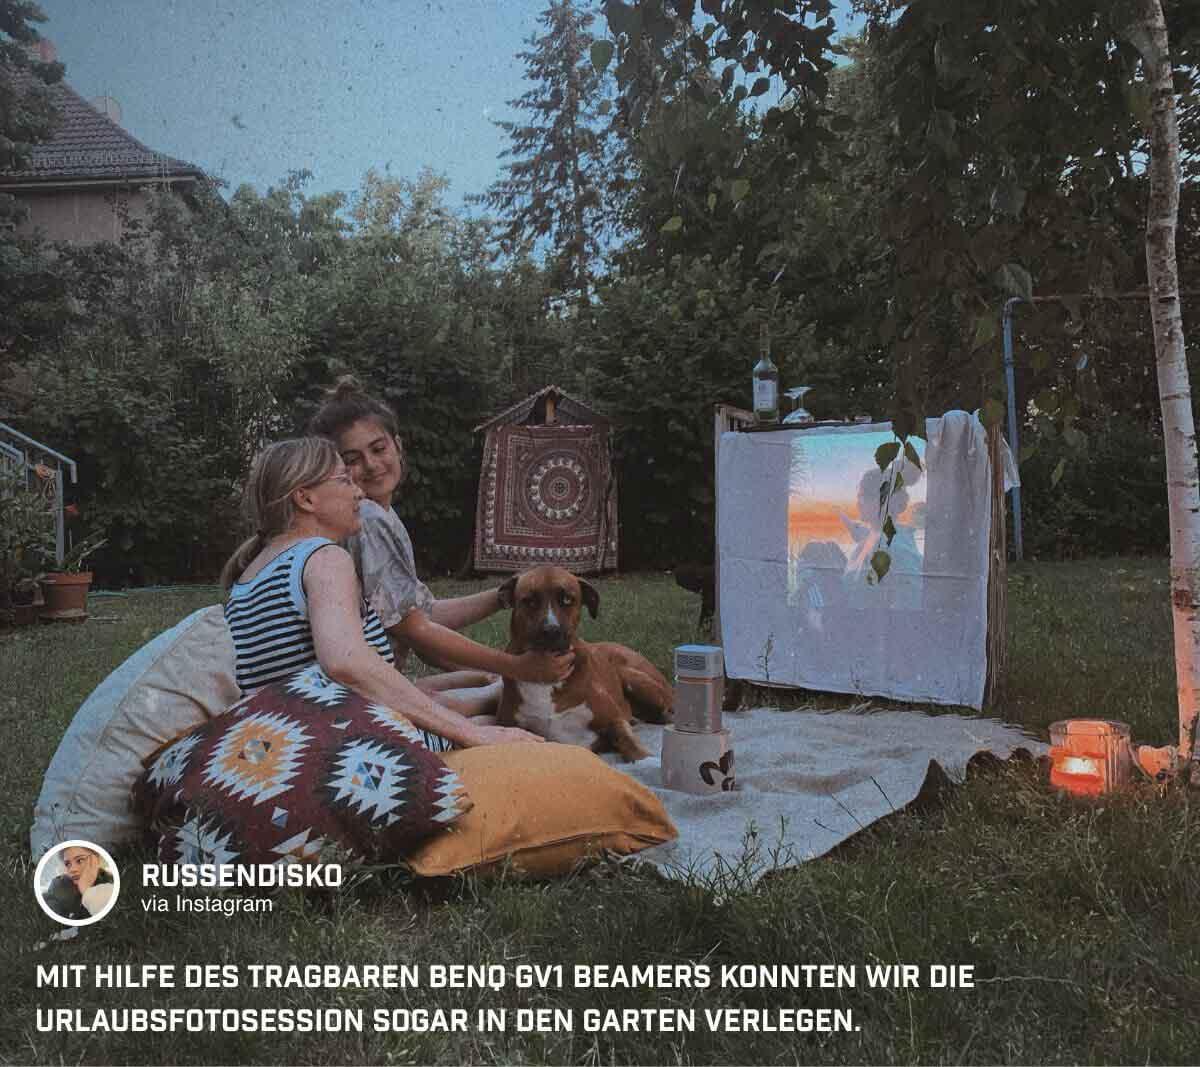 @russendisko hat sich eine Leinwand gebastelt und sorgt mit Urlaubsfotos auf dem BenQ GV1 Mini Beamer für eine entspannte Atmosphäre beim Picknick